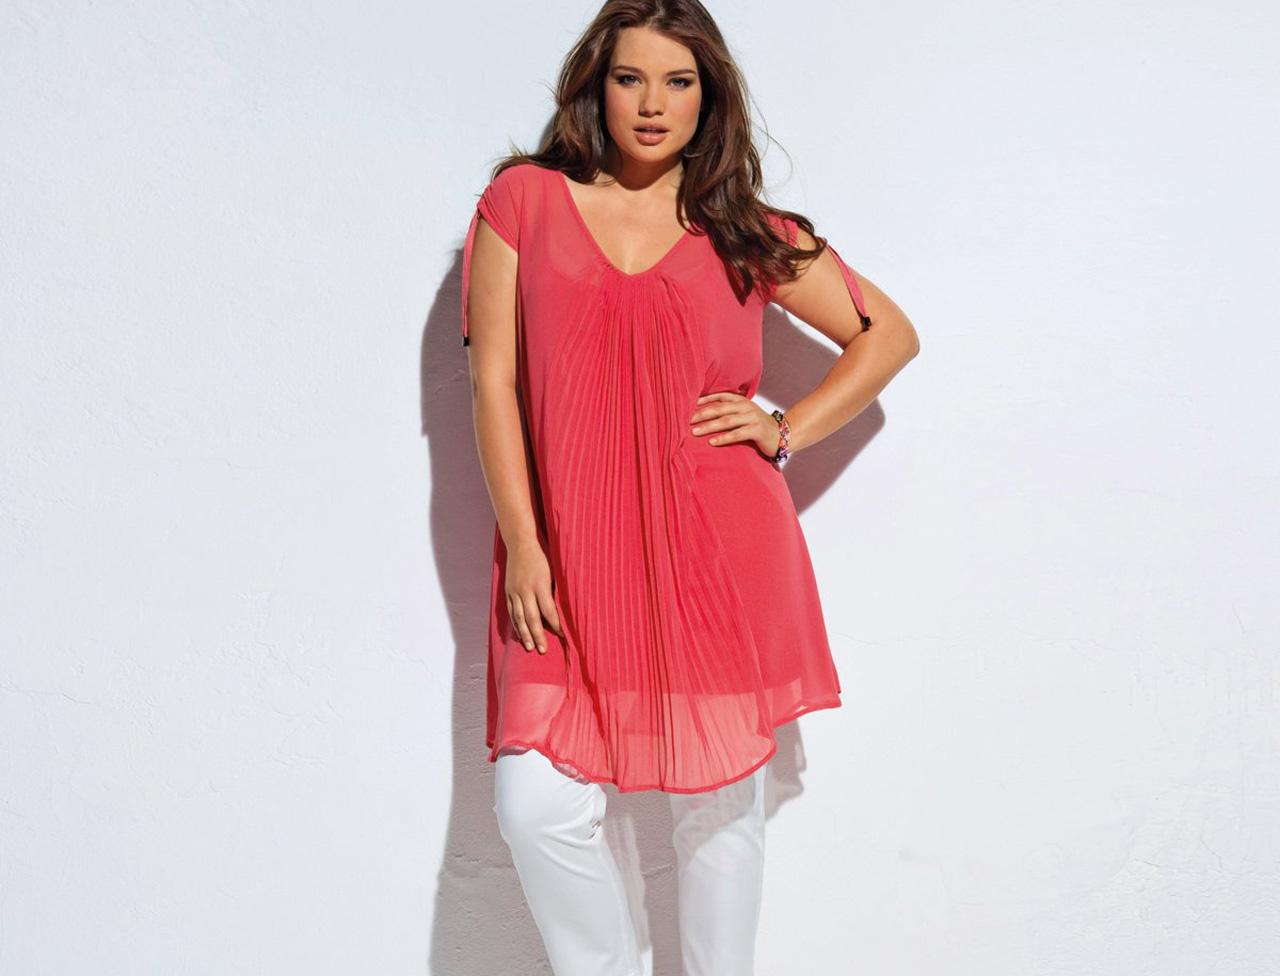 robe pour femme ronde  mettez votre morphologie pulpeuse en valeur